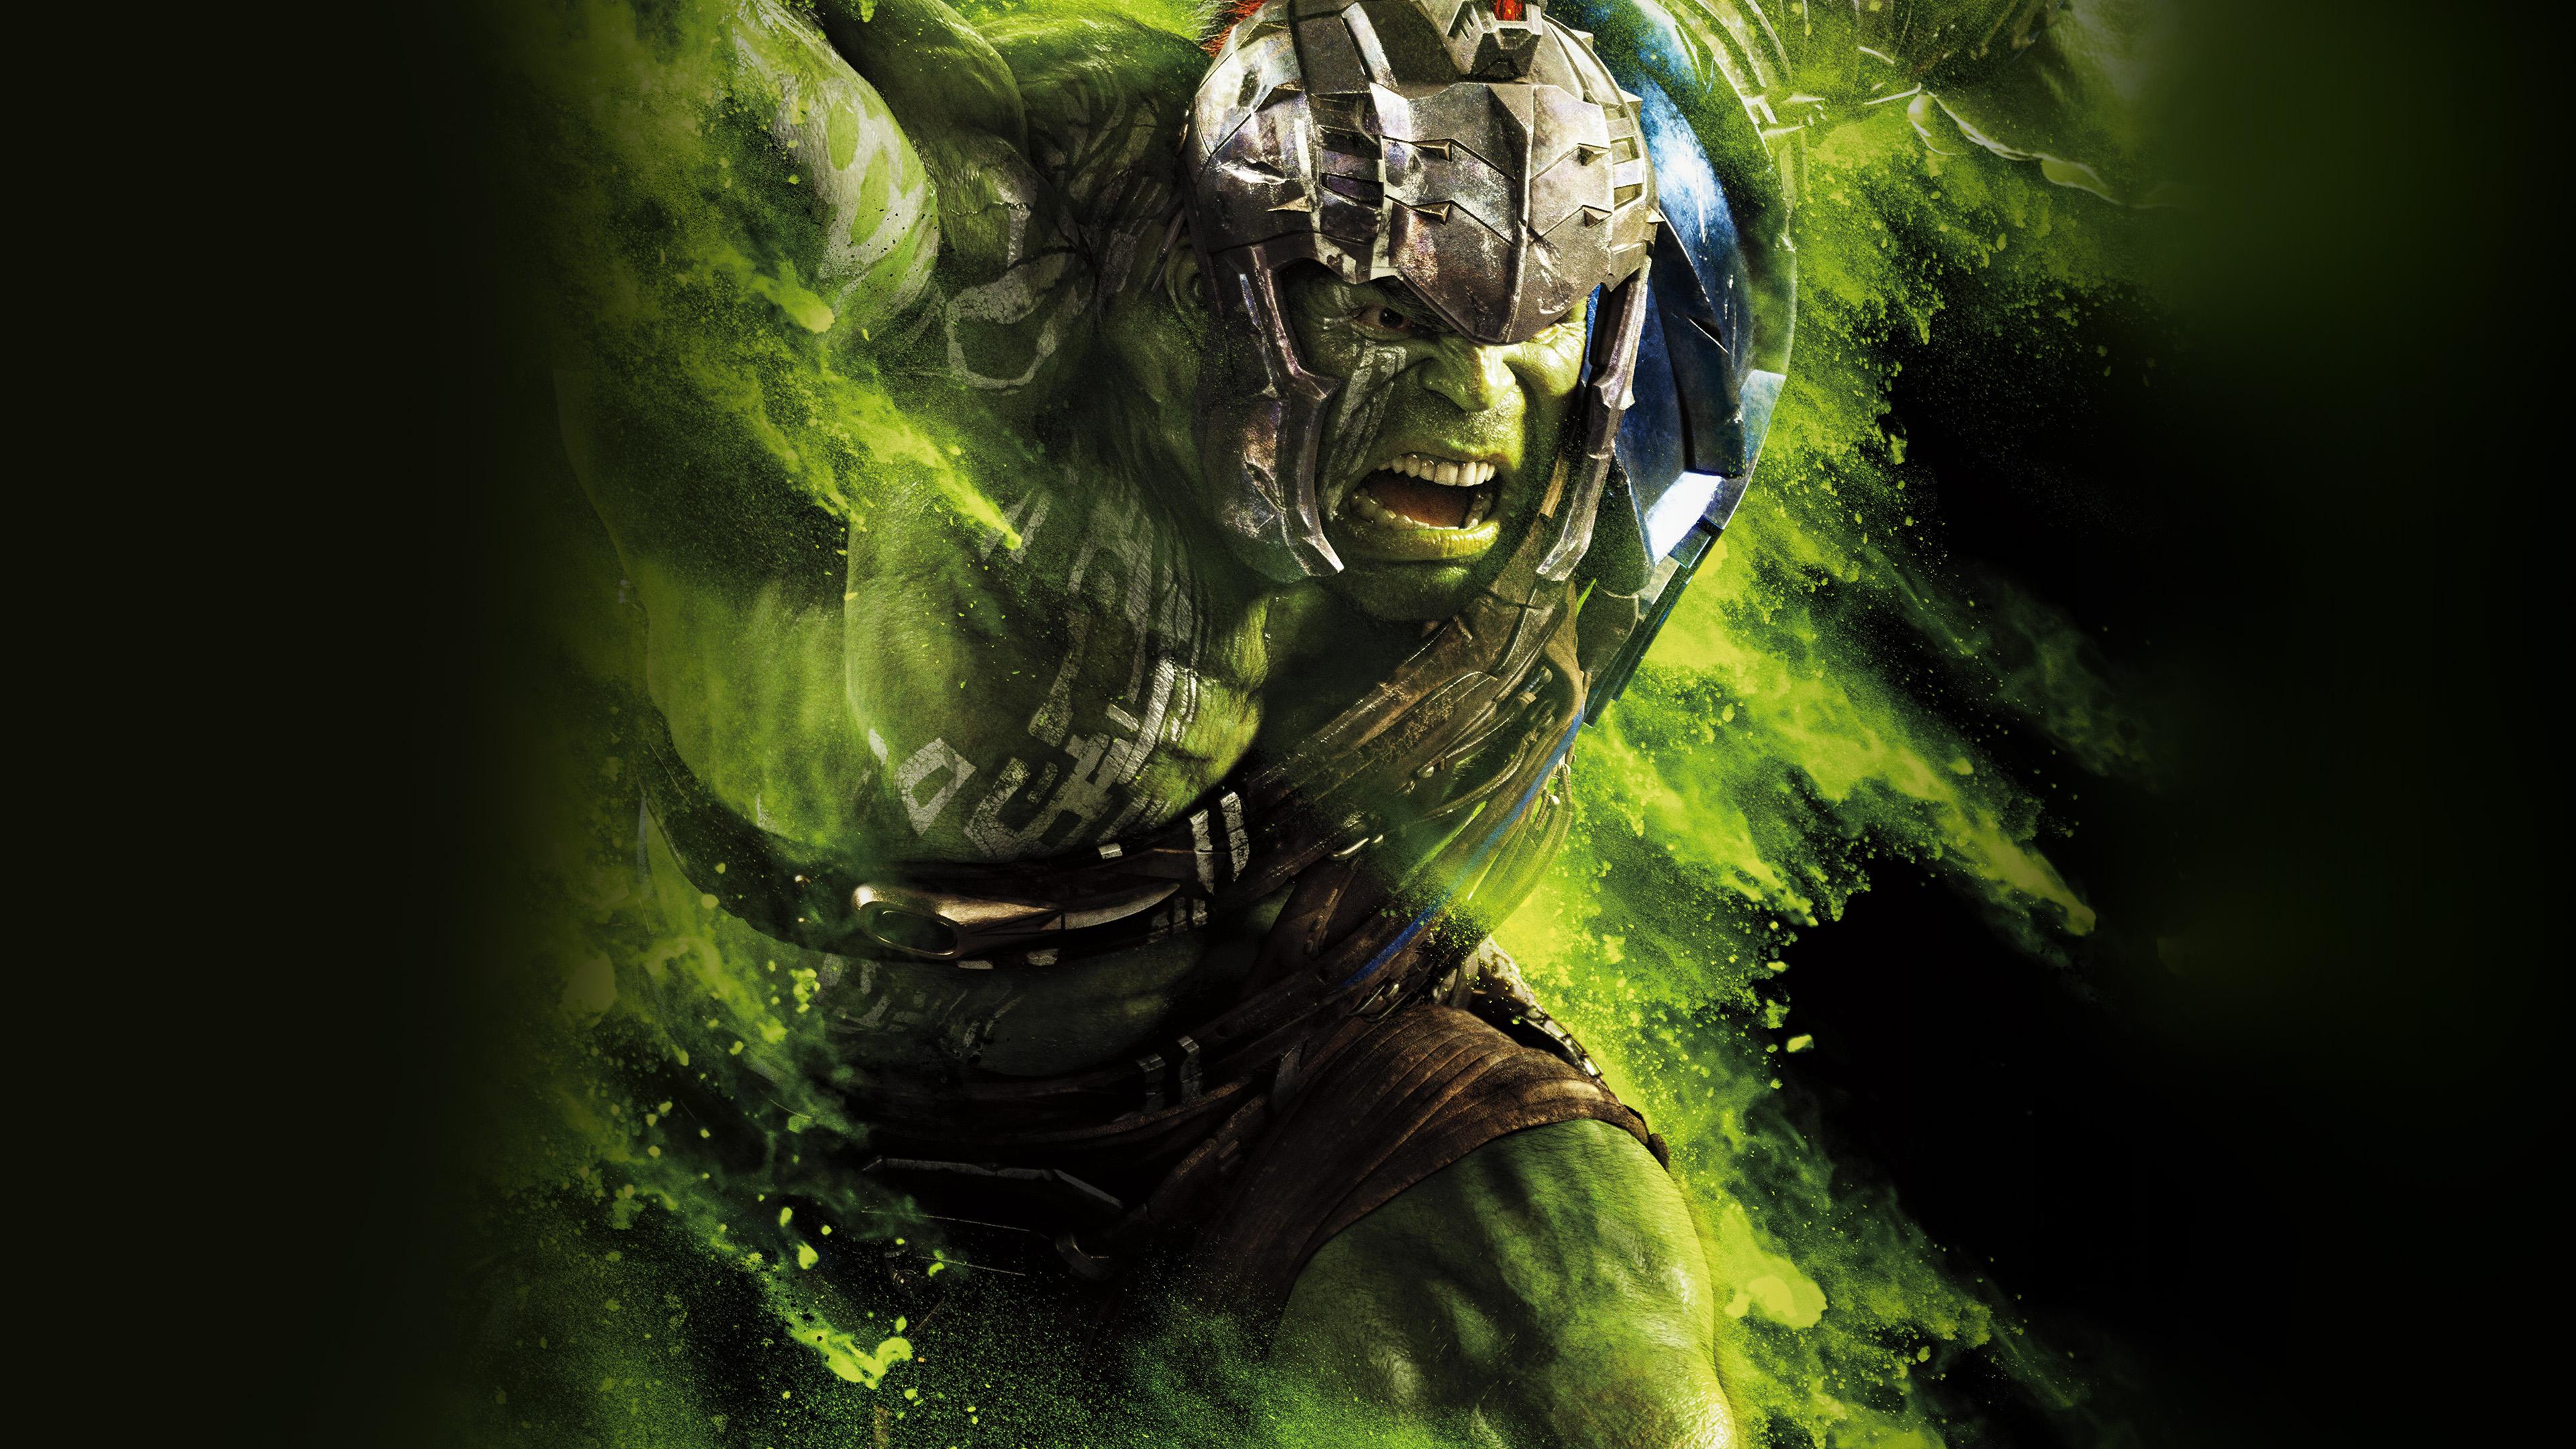 be57-hulk-ragnarok-red-film-marvel-hero-art-illustration ...